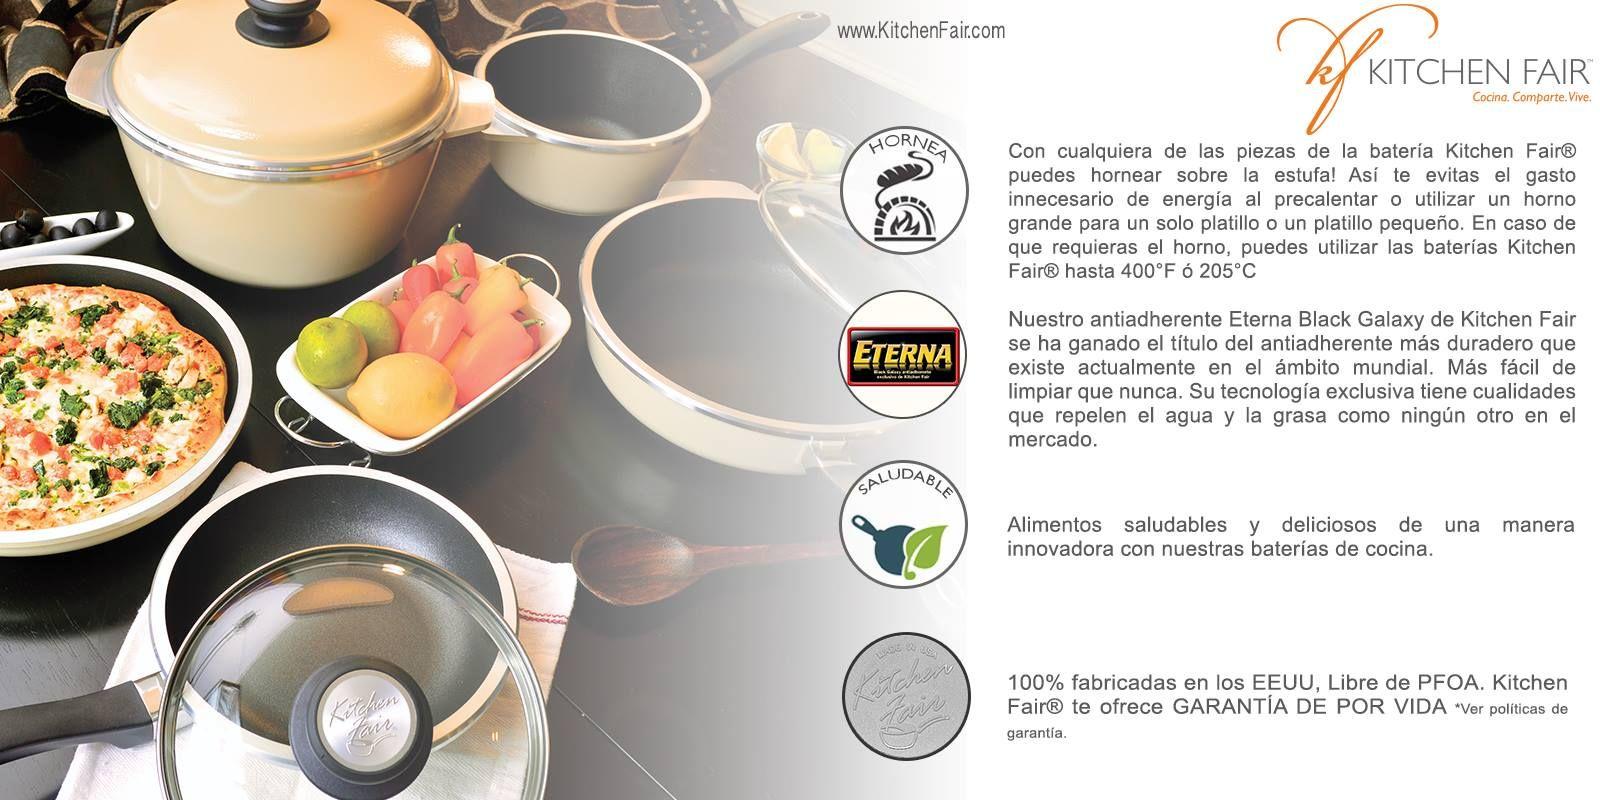 El Poder de la Bateria de Cocina Kitchen Fair | BATERIAS Y ...